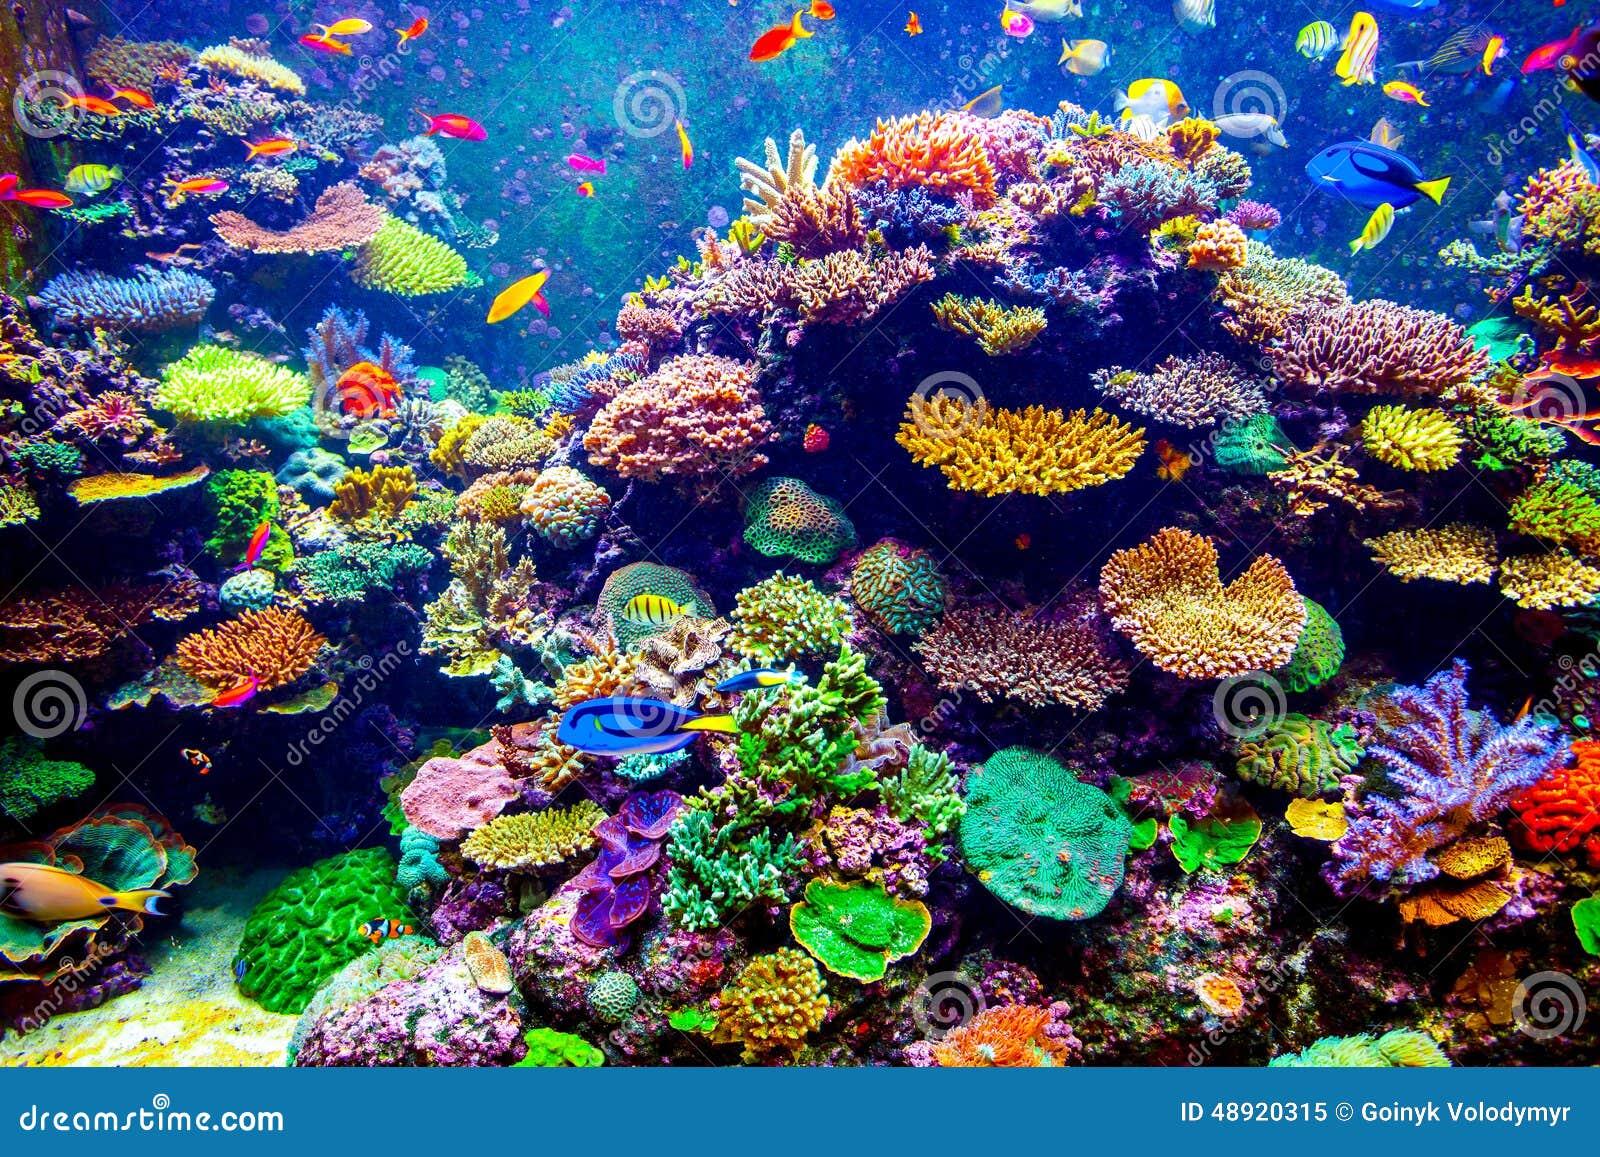 Singapore aquarium stock photo image 48920315 for Reef tropical fish